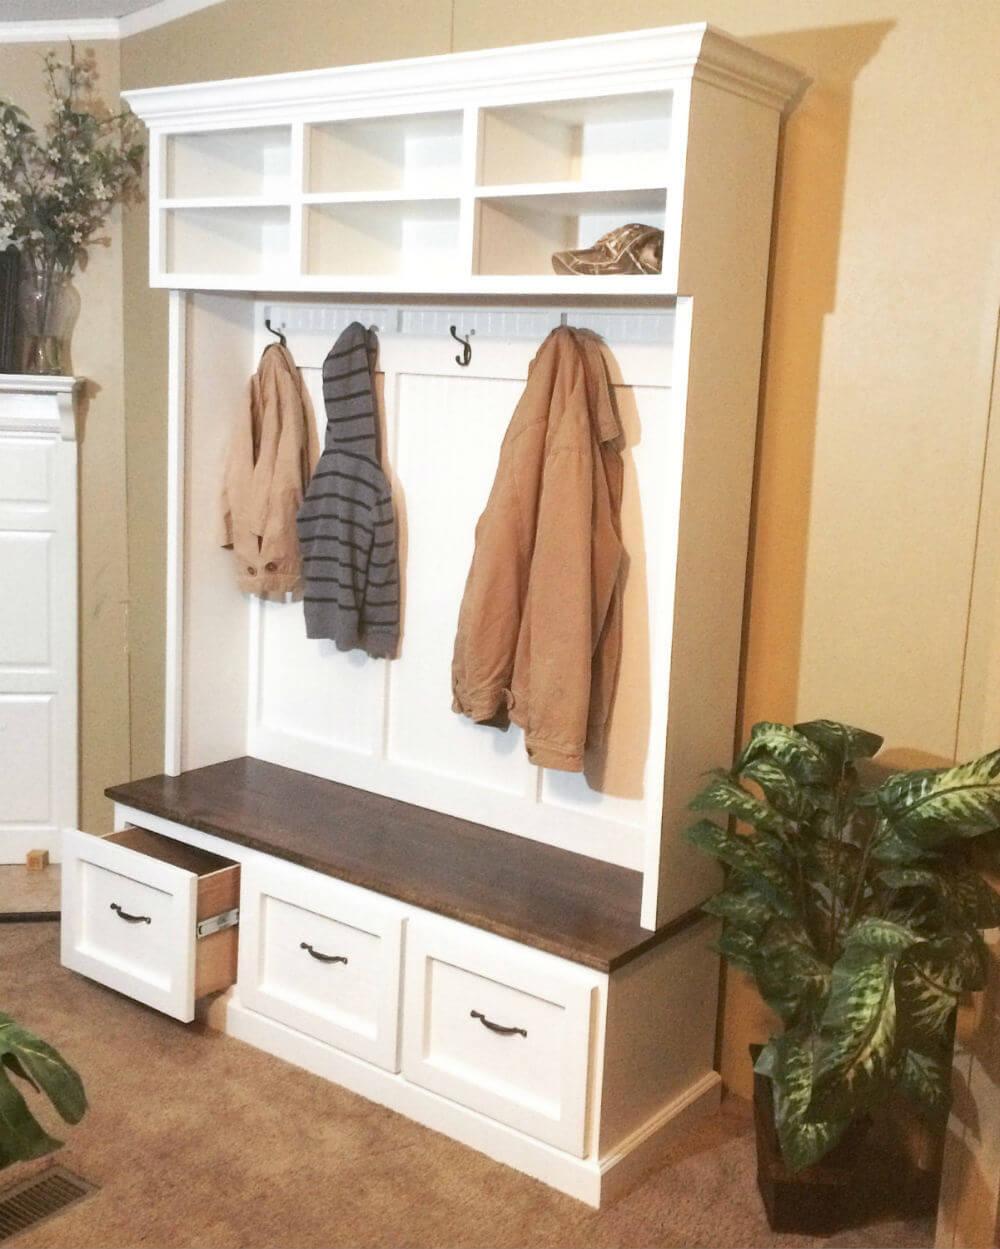 Organiser tout dans une seule armoire